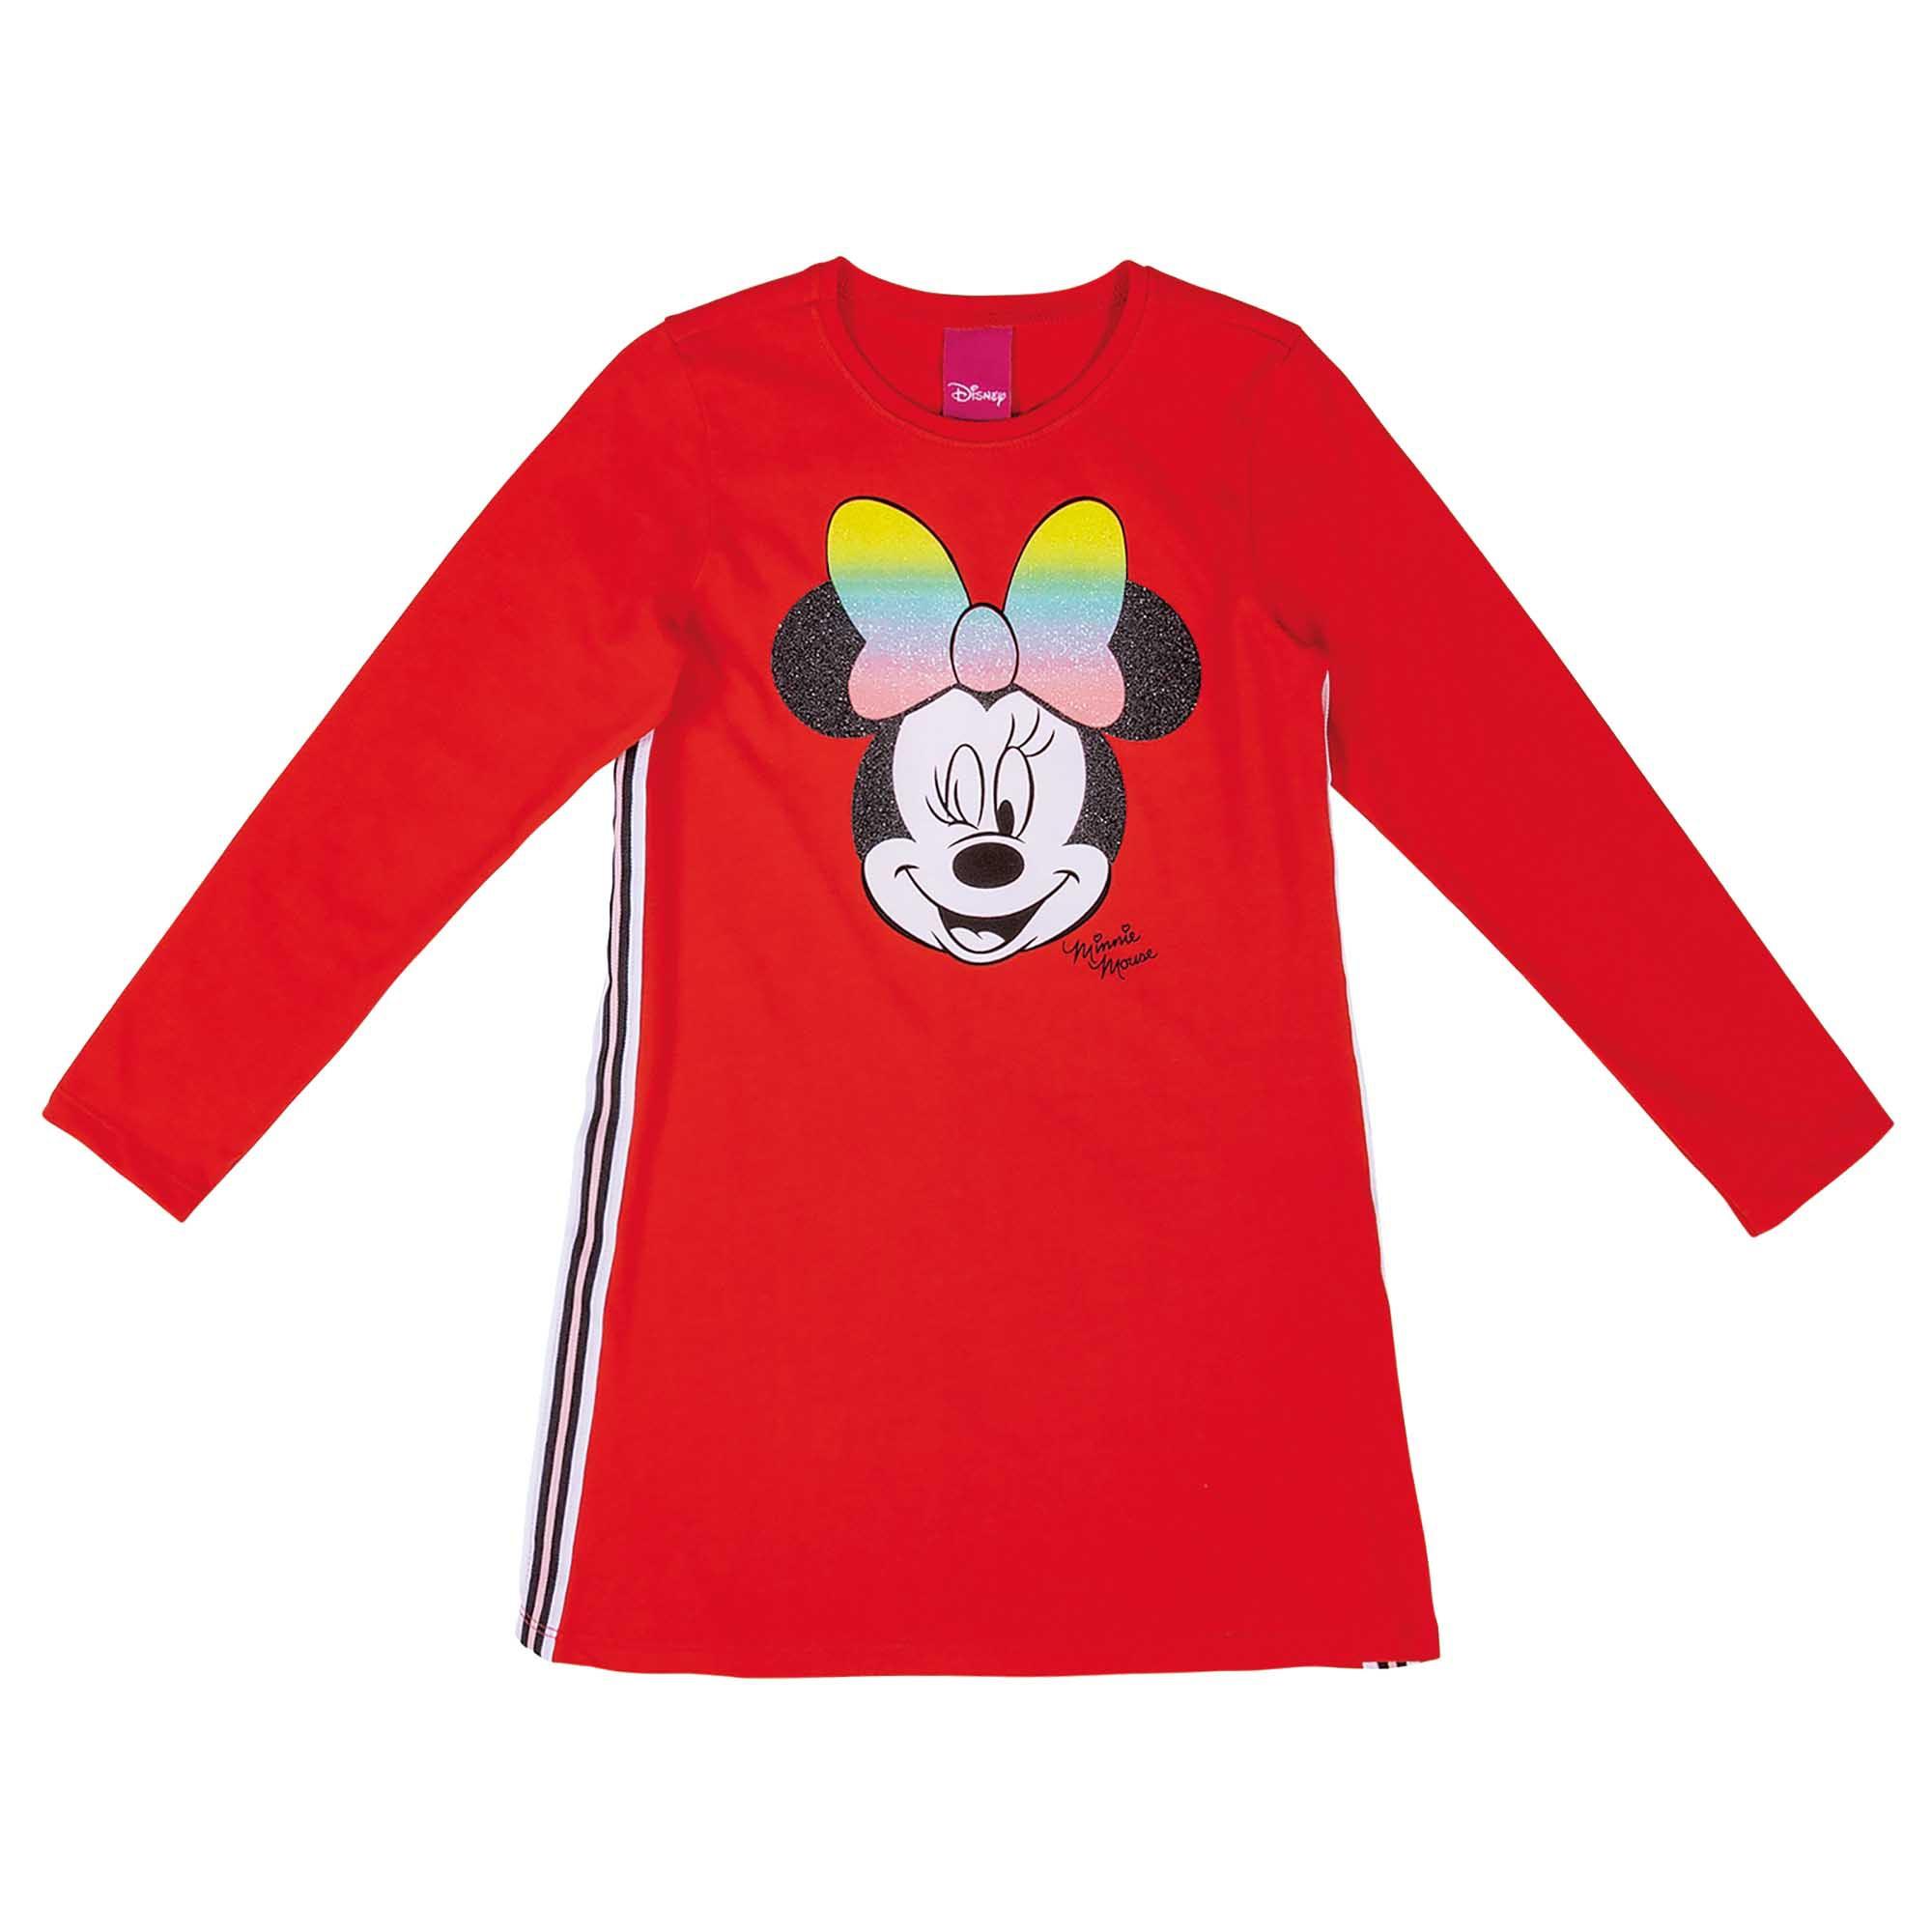 Vestido Inverno Cativa Estampa Minnie Piscando com Faixa Lateral - 4 ao 10